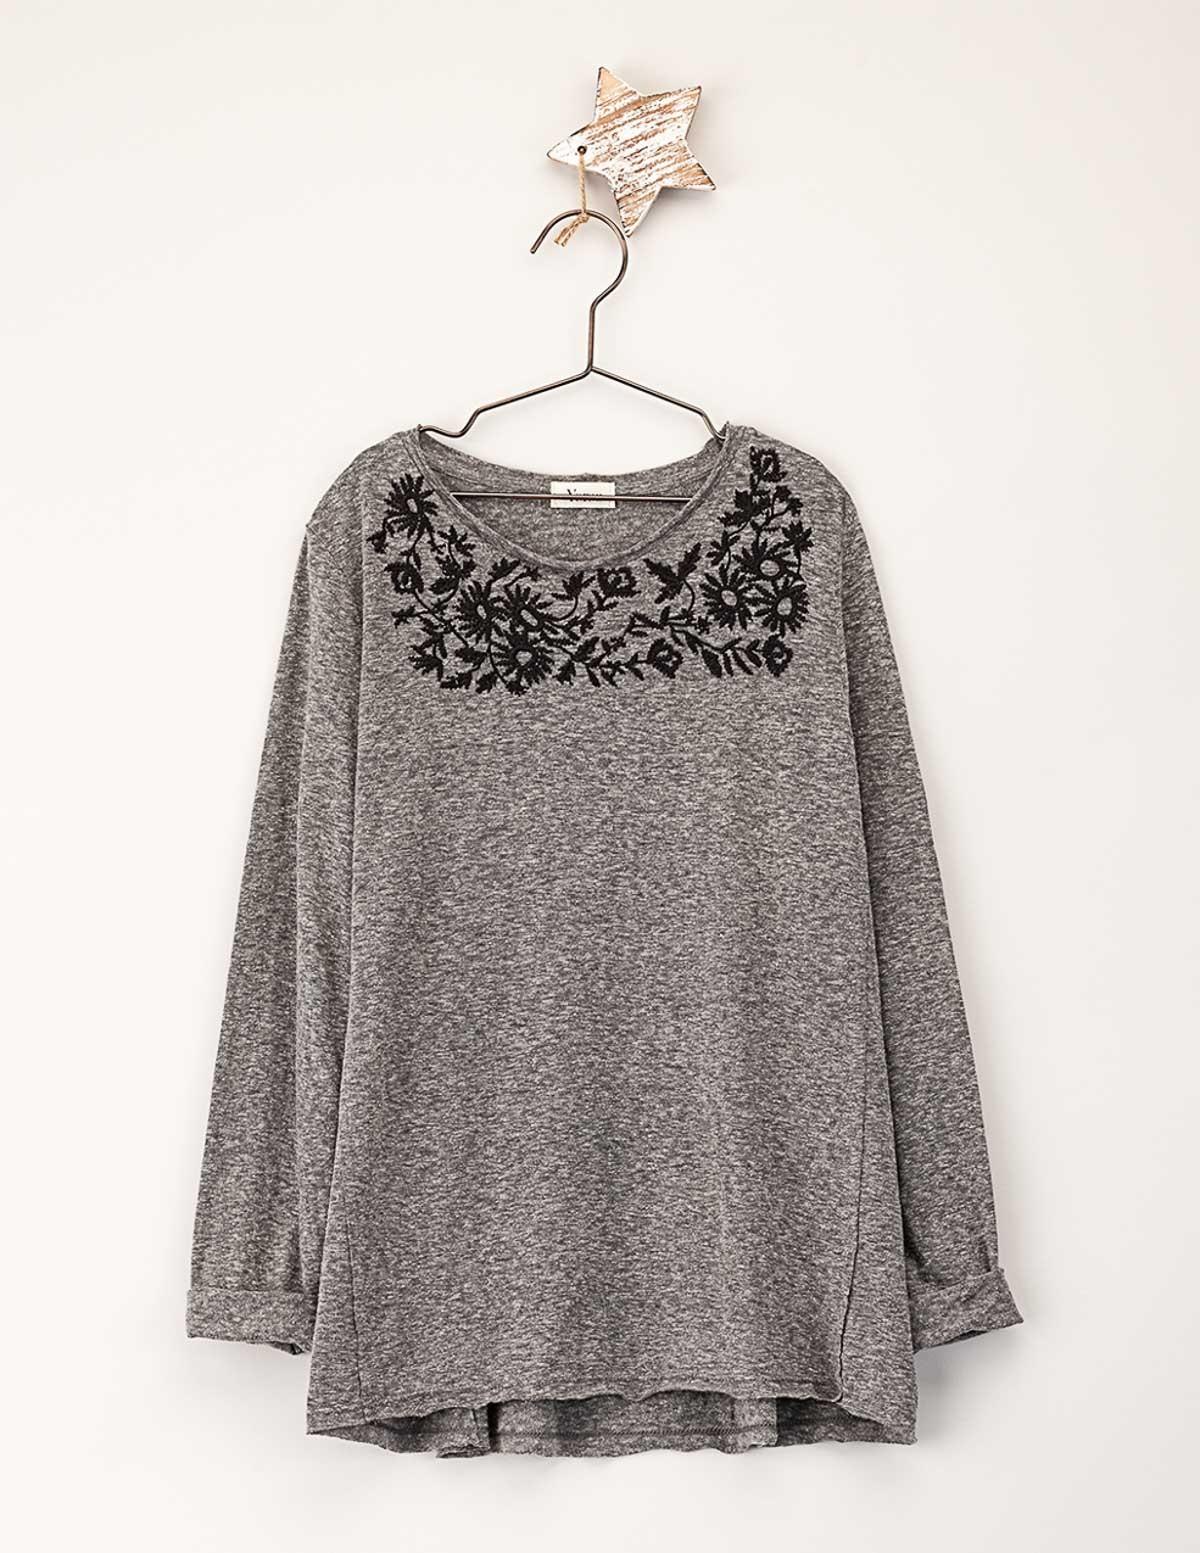 Camiseta canesú bordado